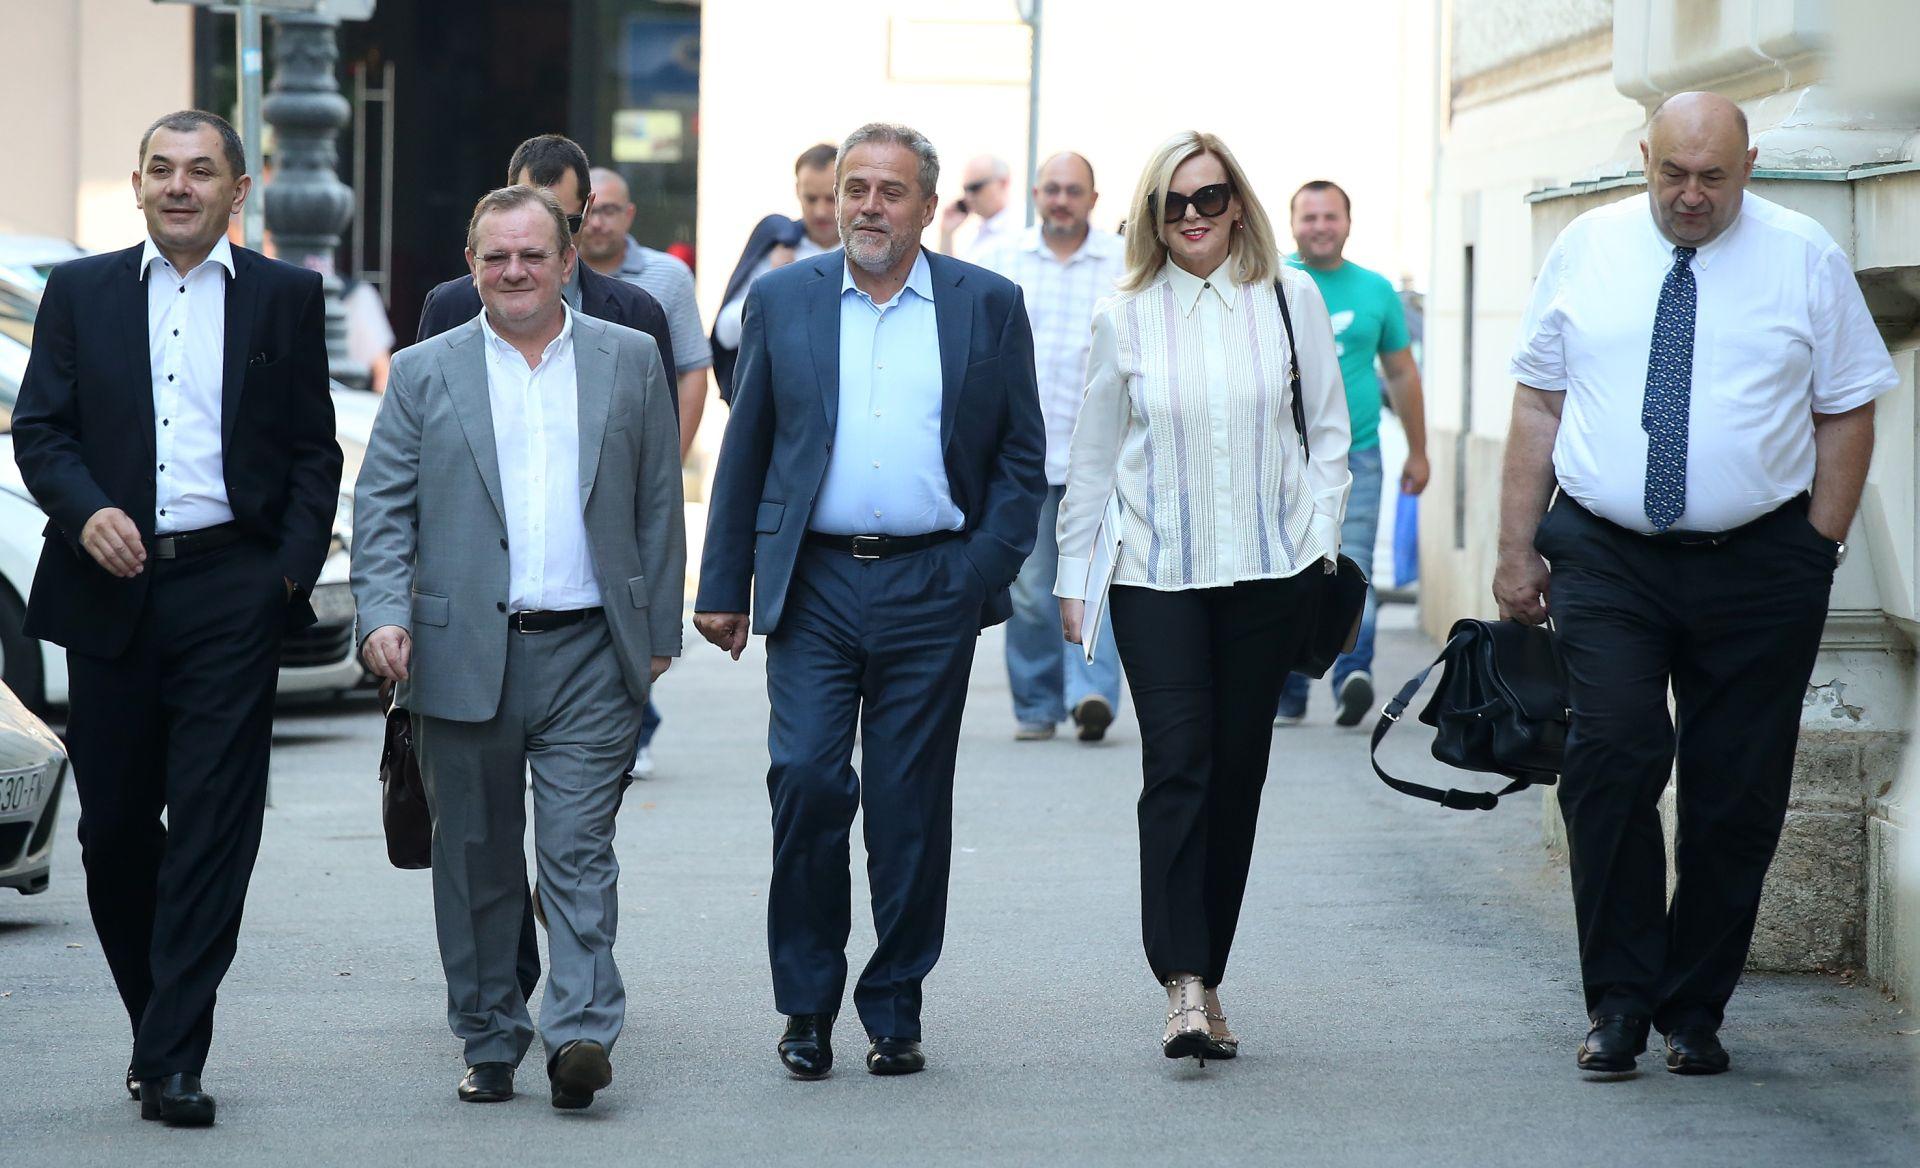 NEMA DOKAZA Odbačena optužnica protiv Bandića, USKOK će se žaliti